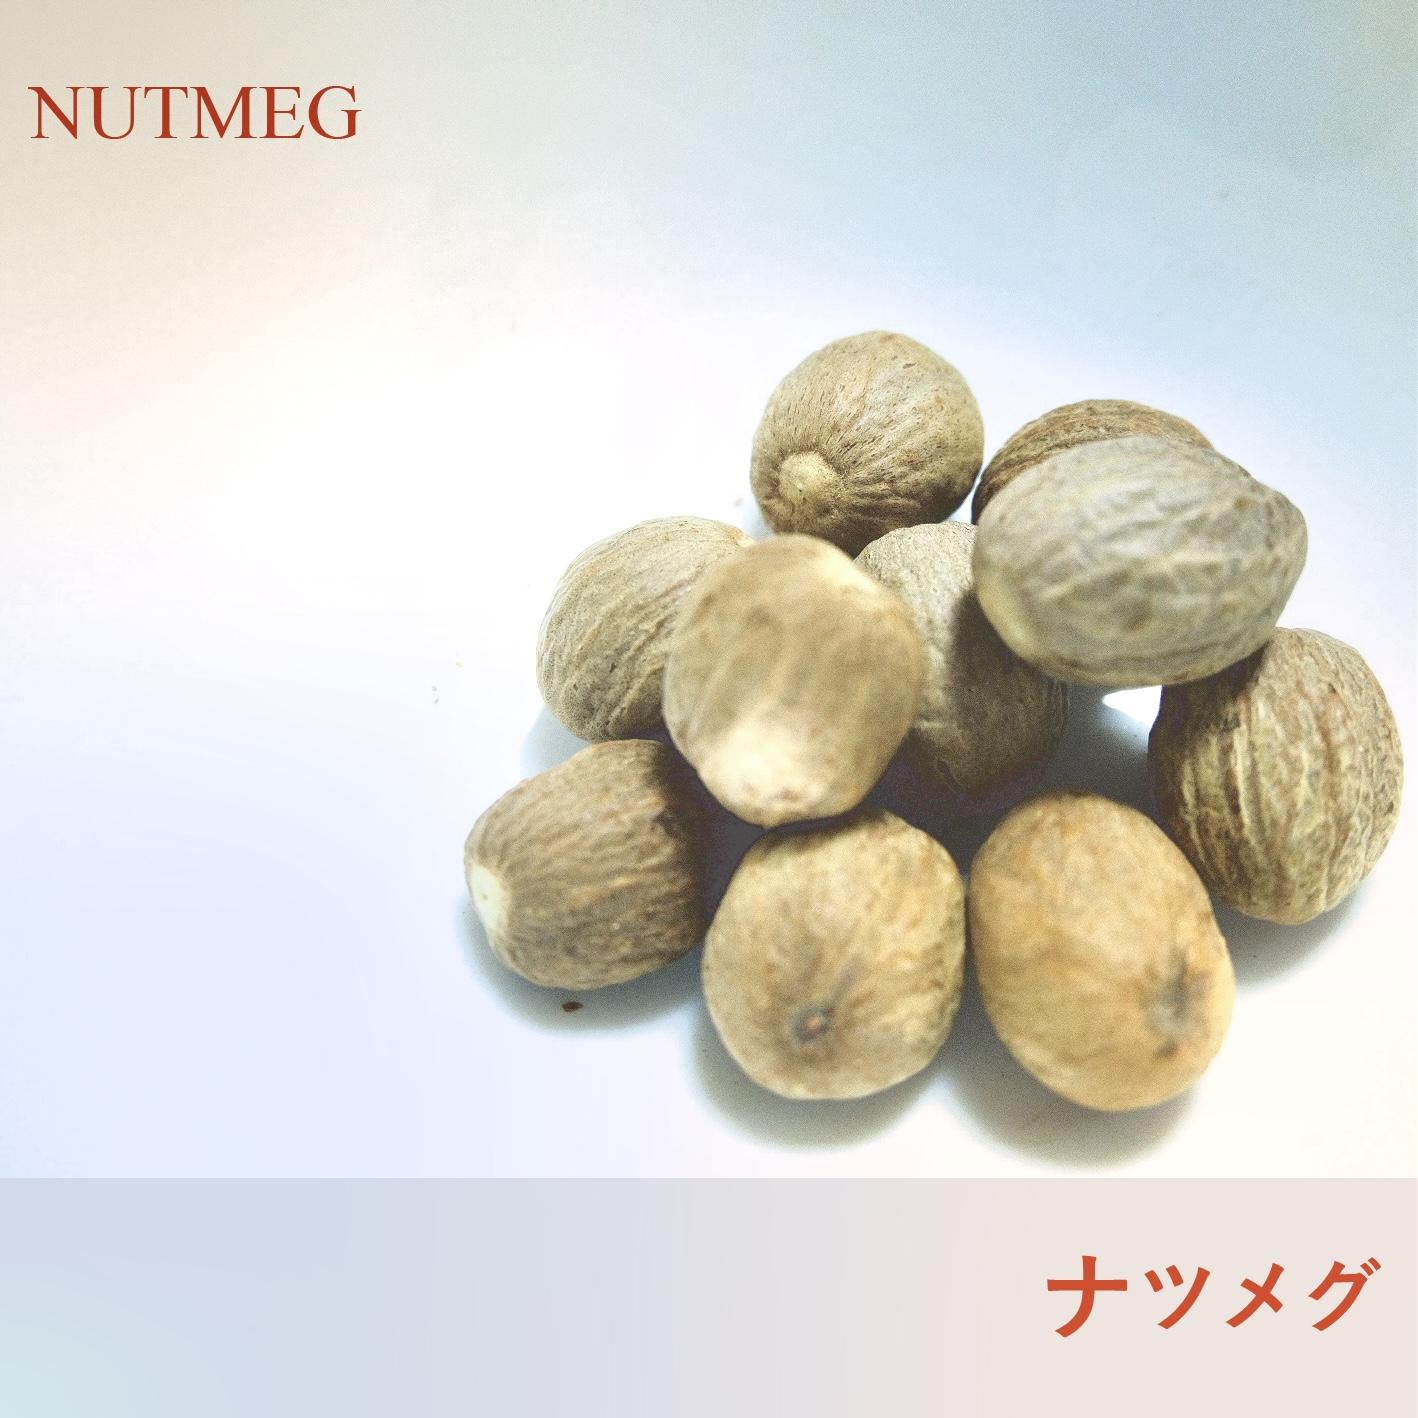 クラフトコーラの食材紹介 vol.4 ナツメグ